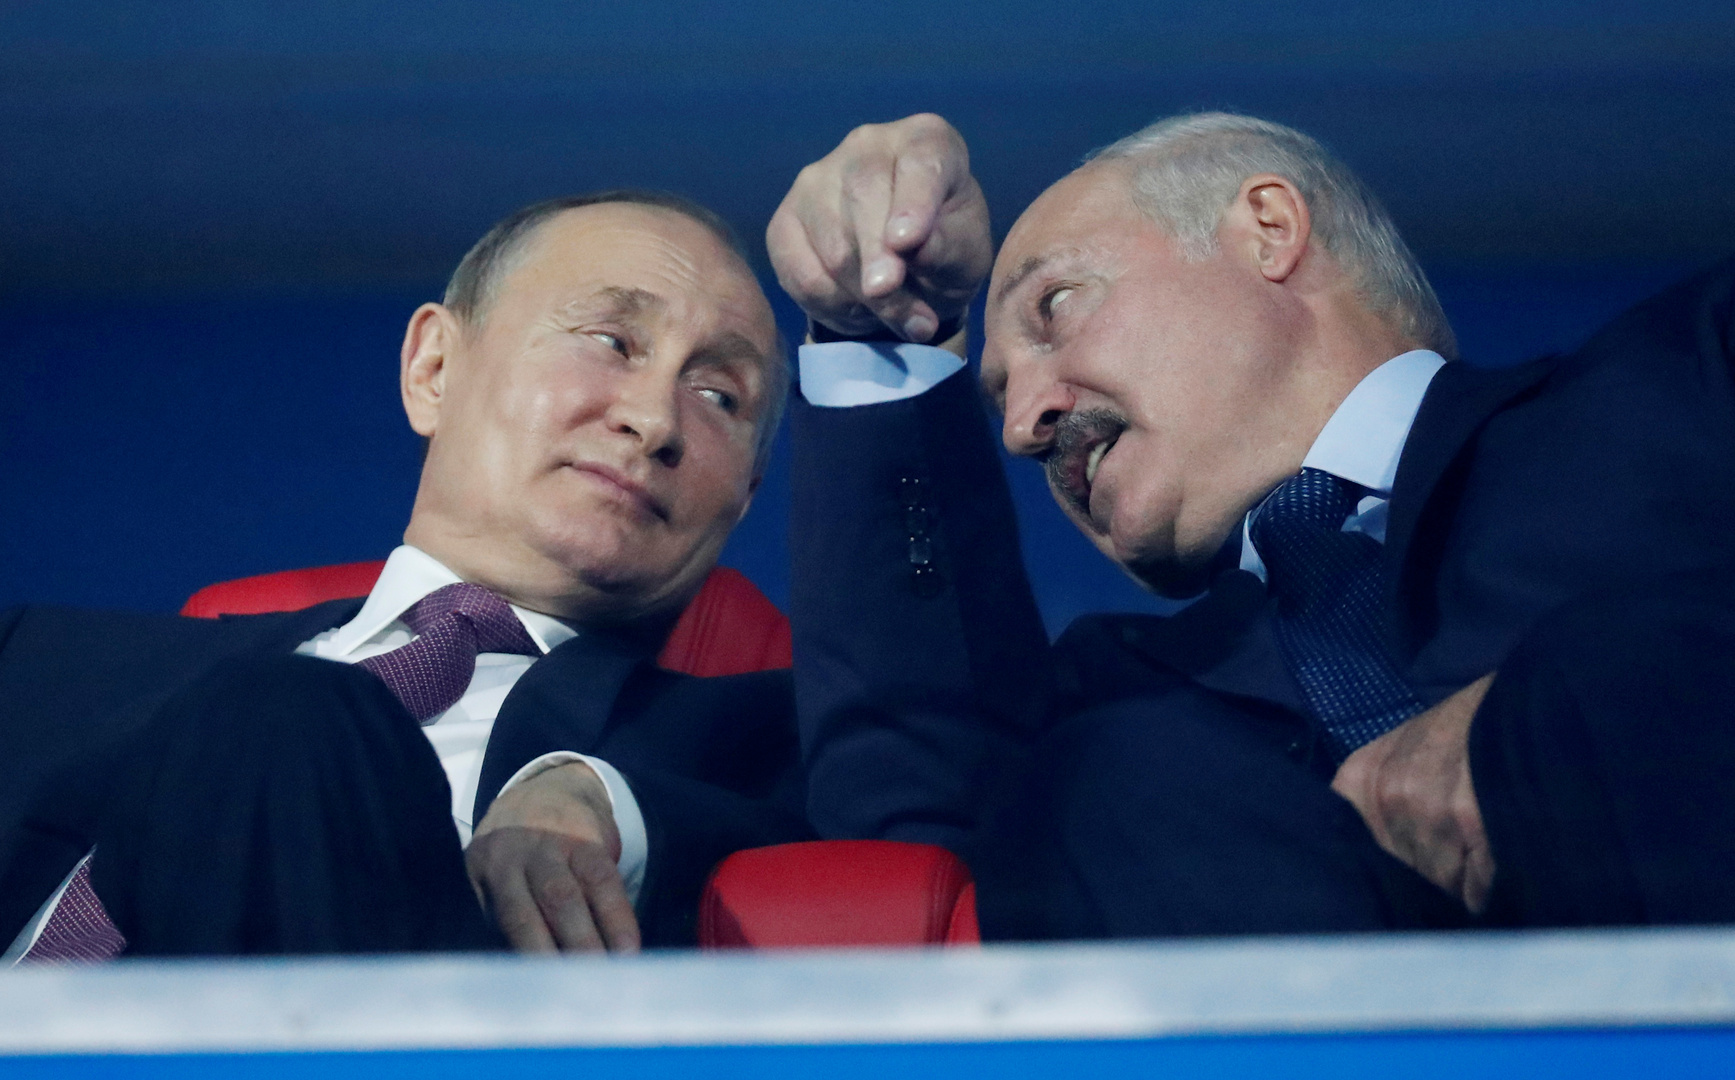 توحيد روسيا وبيلاروس يبدأ من إنشاء جيش موحد